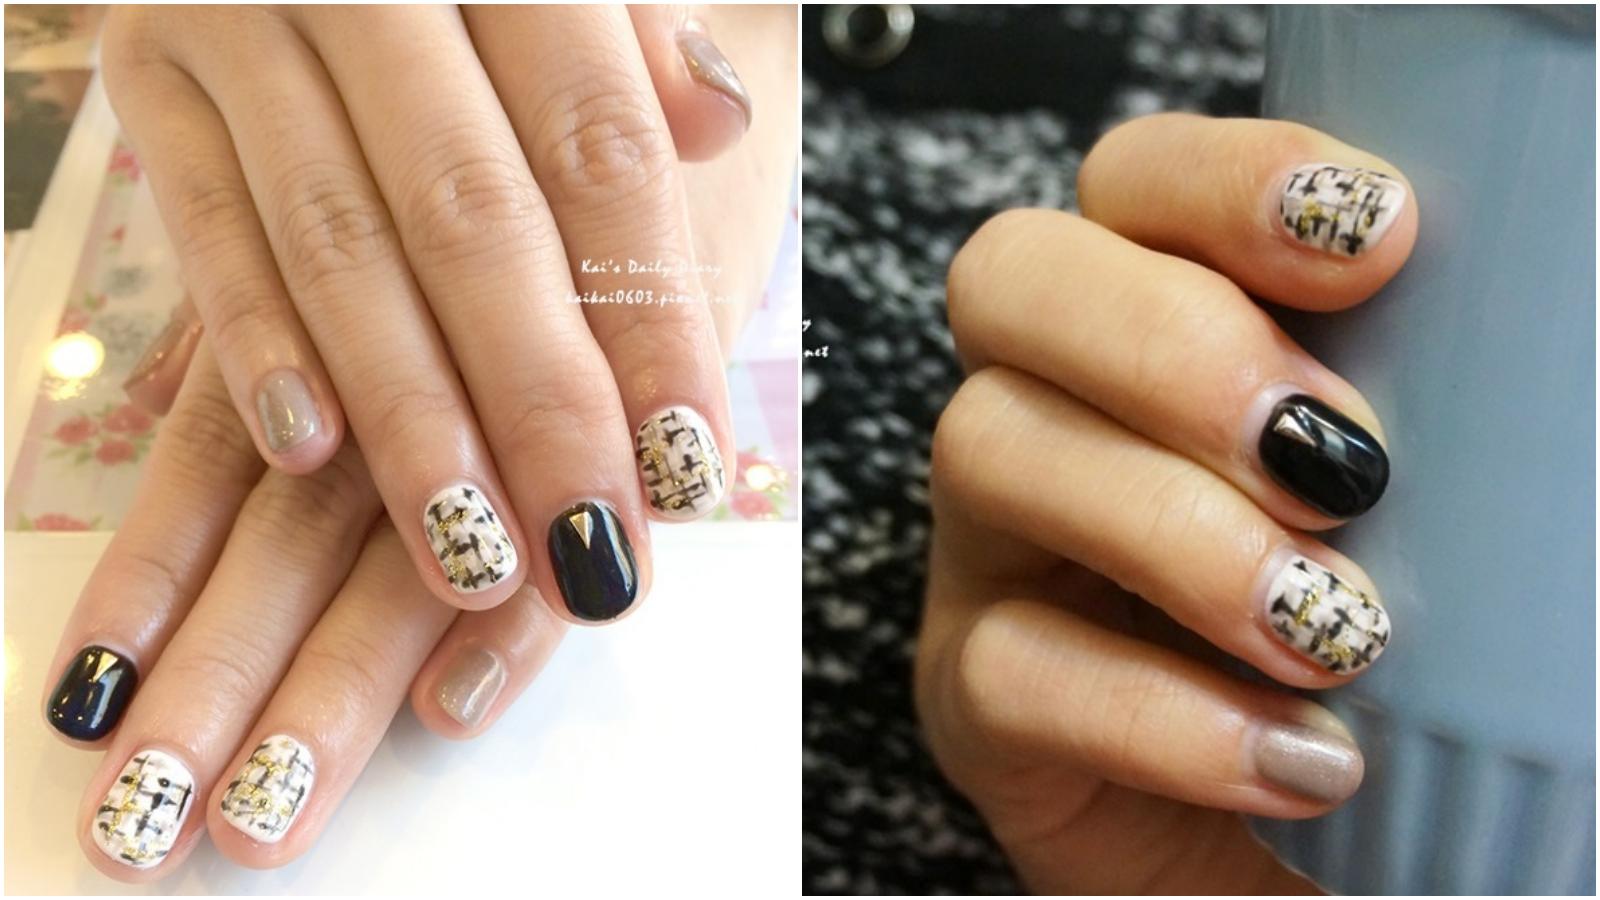 延伸閱讀:【指彩】超百搭香奈兒風毛呢指甲。Amily Nails愛美麗凝膠美甲專門店